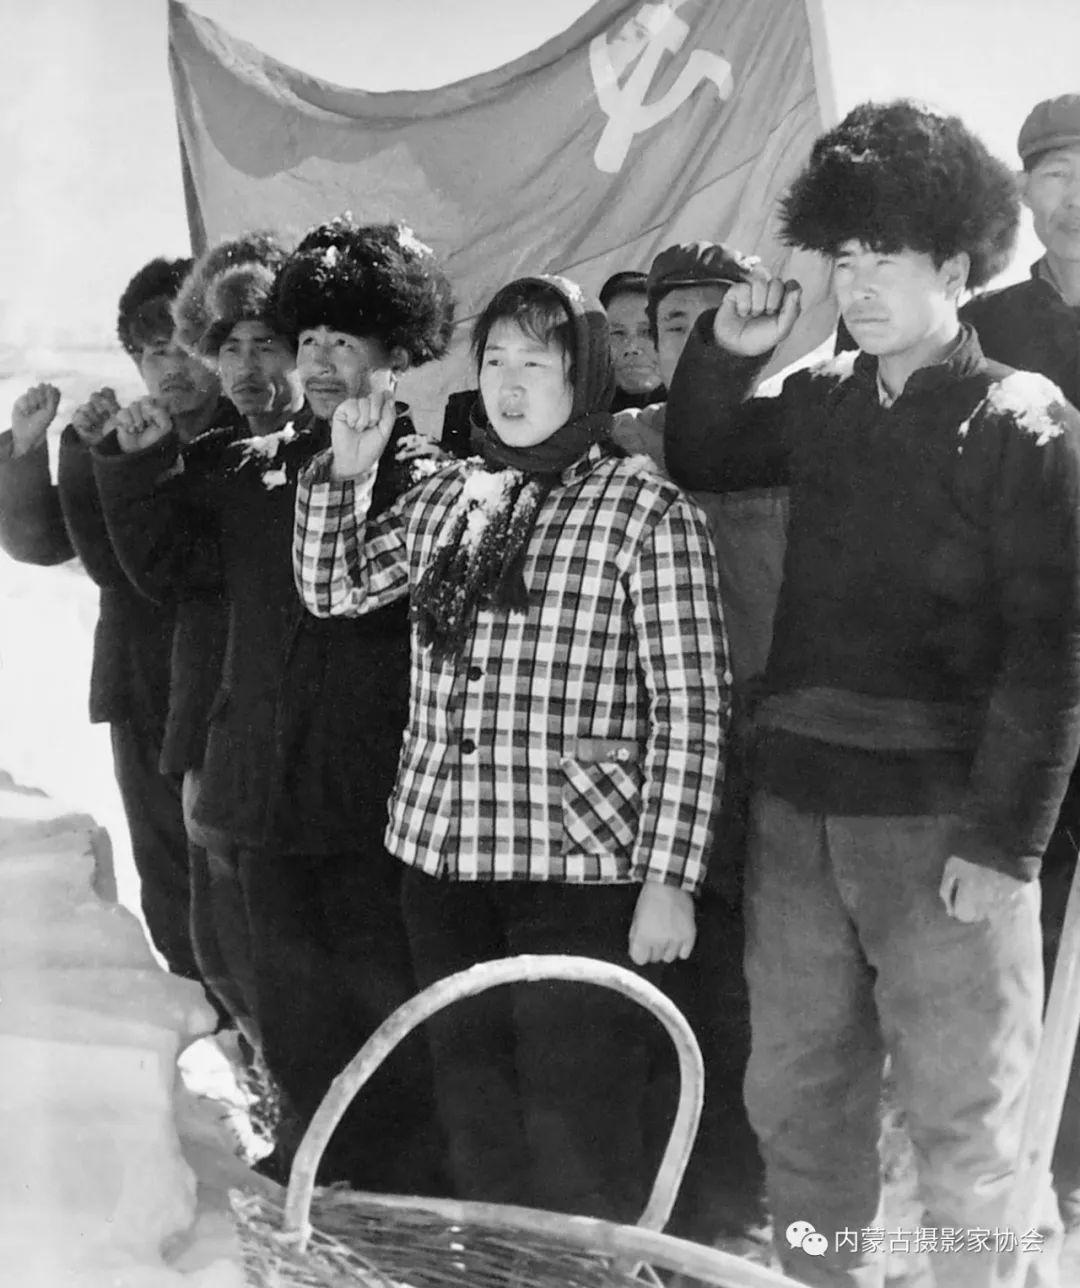 作品赏析丨内蒙古老摄影家岳枫镜头下的精彩瞬间 第10张 作品赏析丨内蒙古老摄影家岳枫镜头下的精彩瞬间 蒙古文化